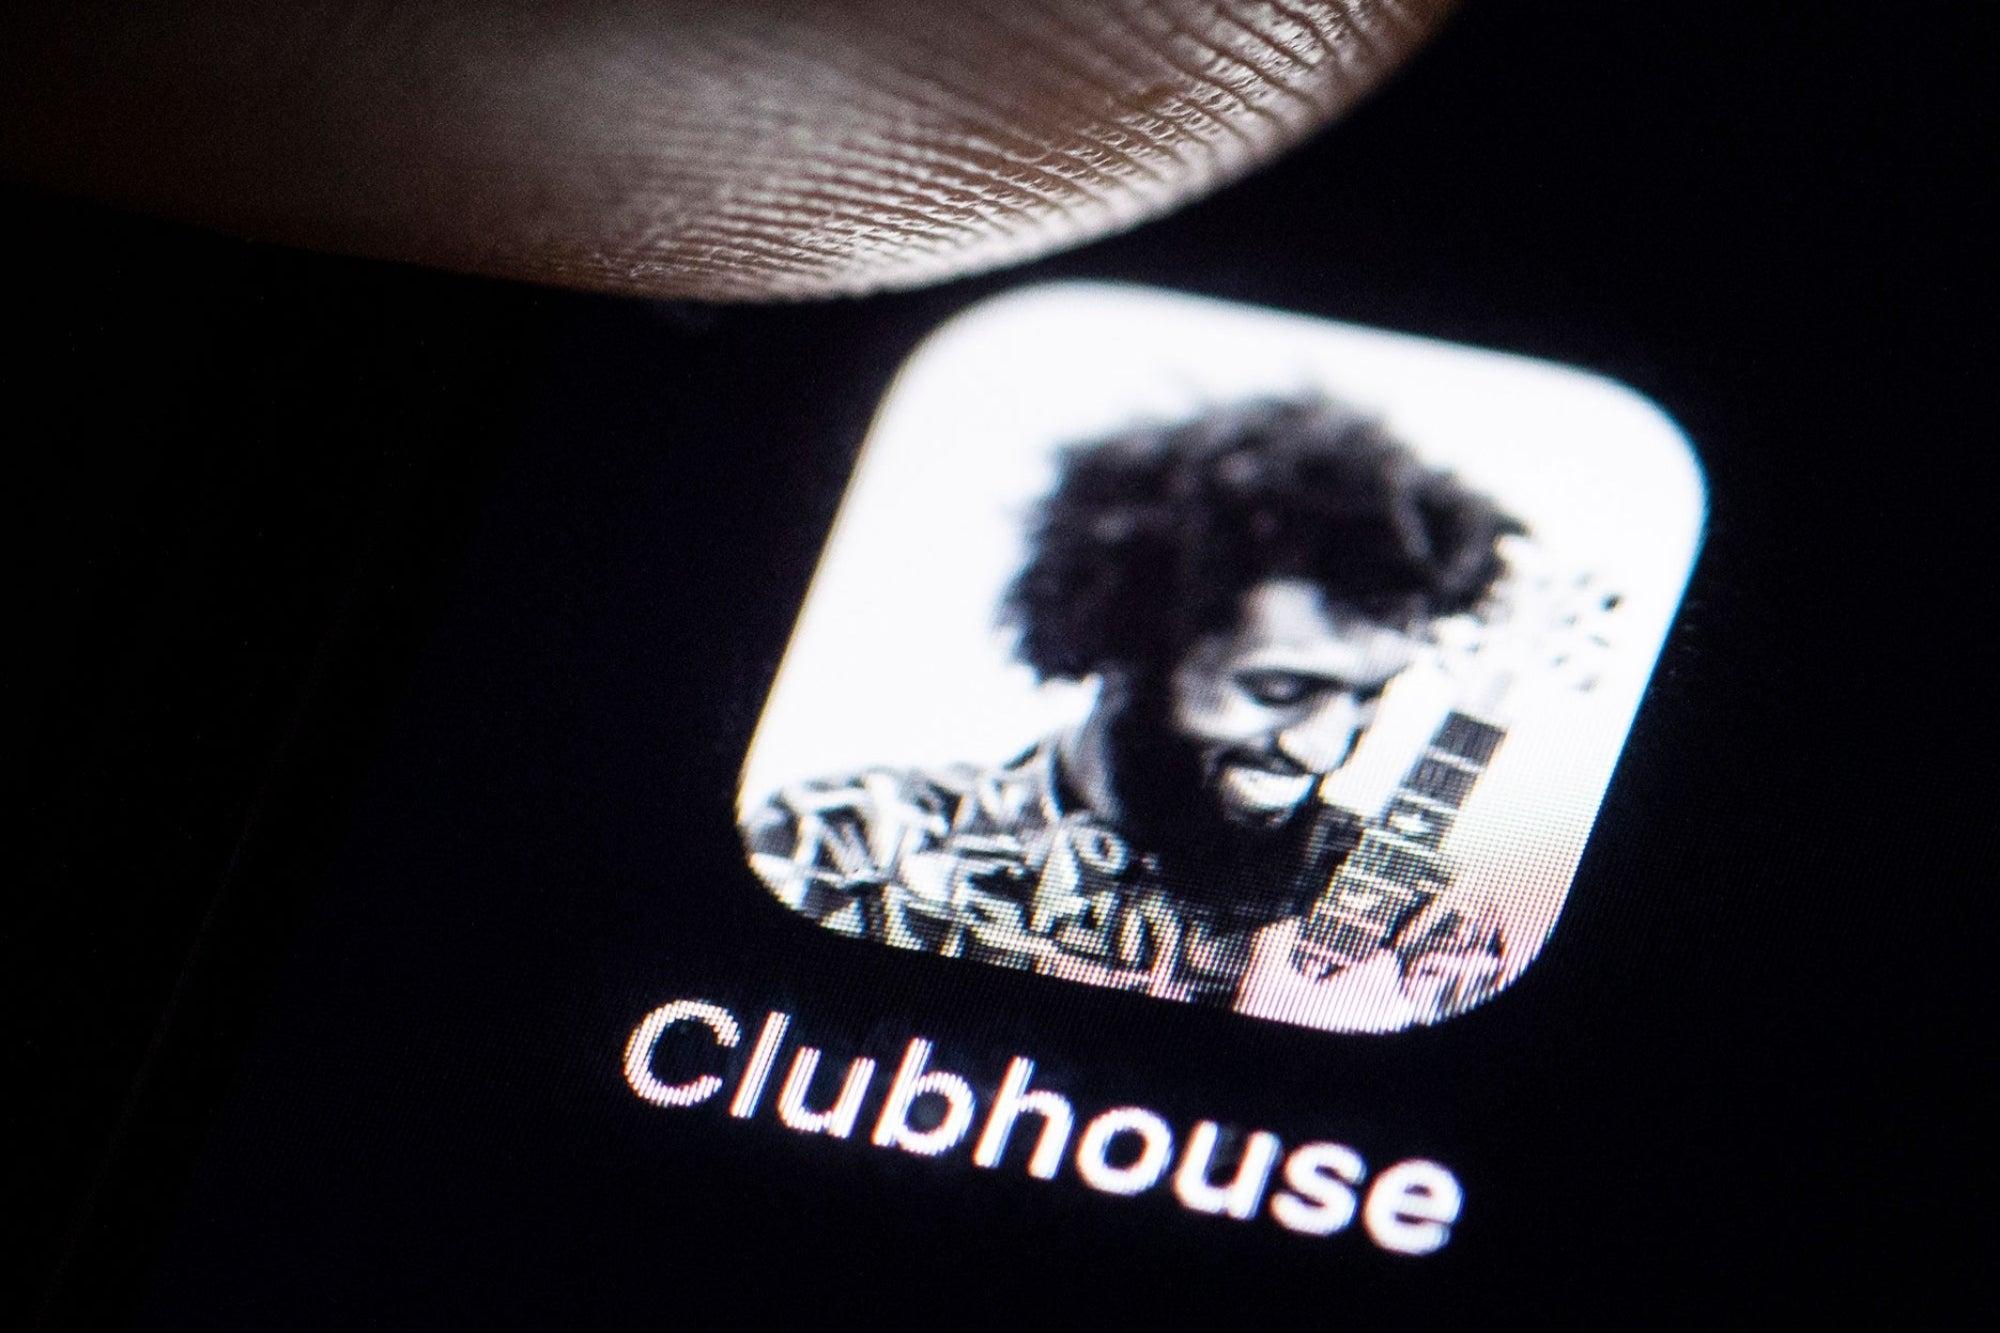 ¿Qué es Clubhouse y cómo lograr que te inviten?